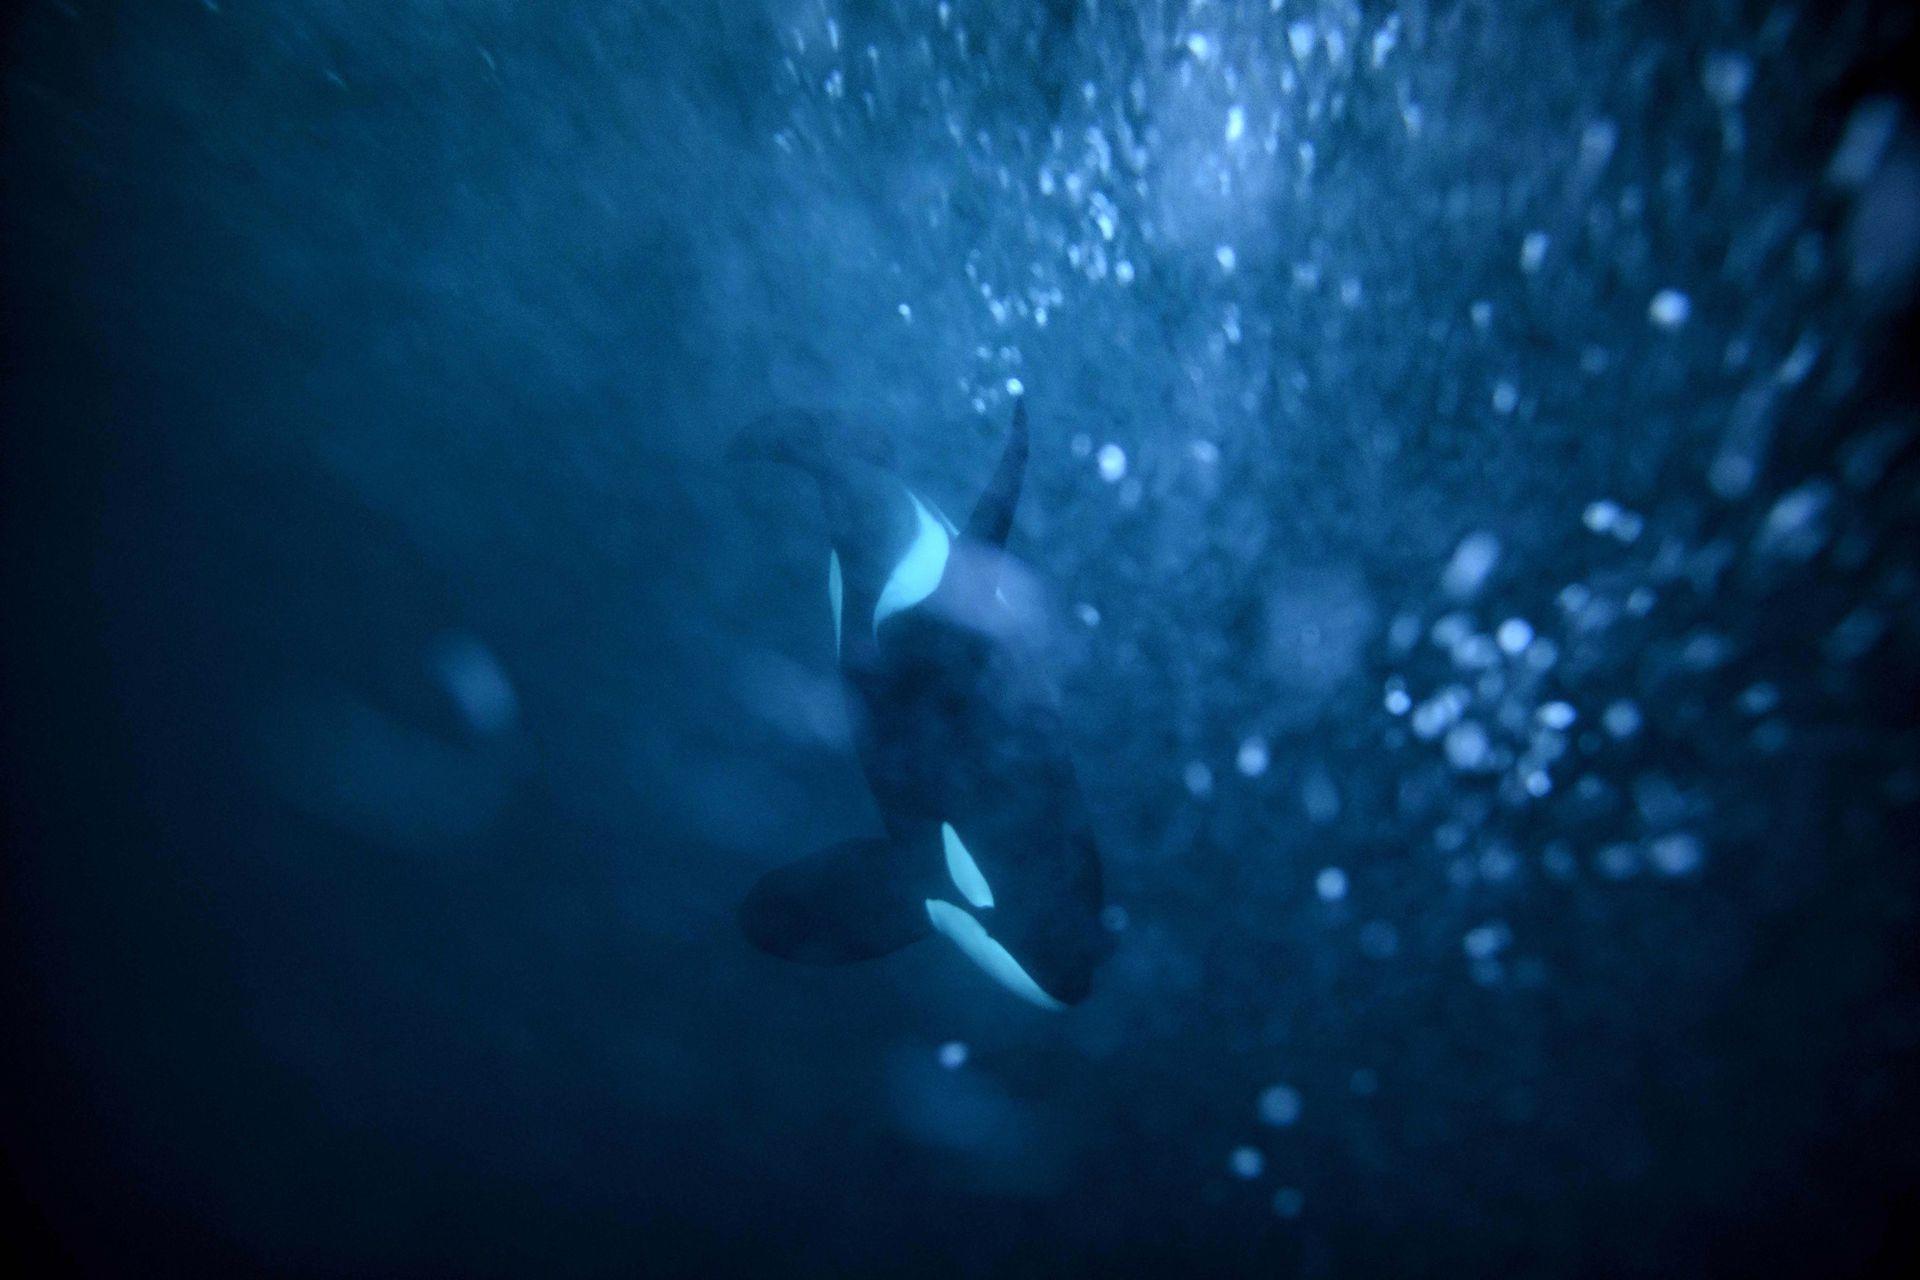 Una orca hembra atrapa un arenque, el 14 de enero en el mar de Noruega, en el Círculo polar ártico